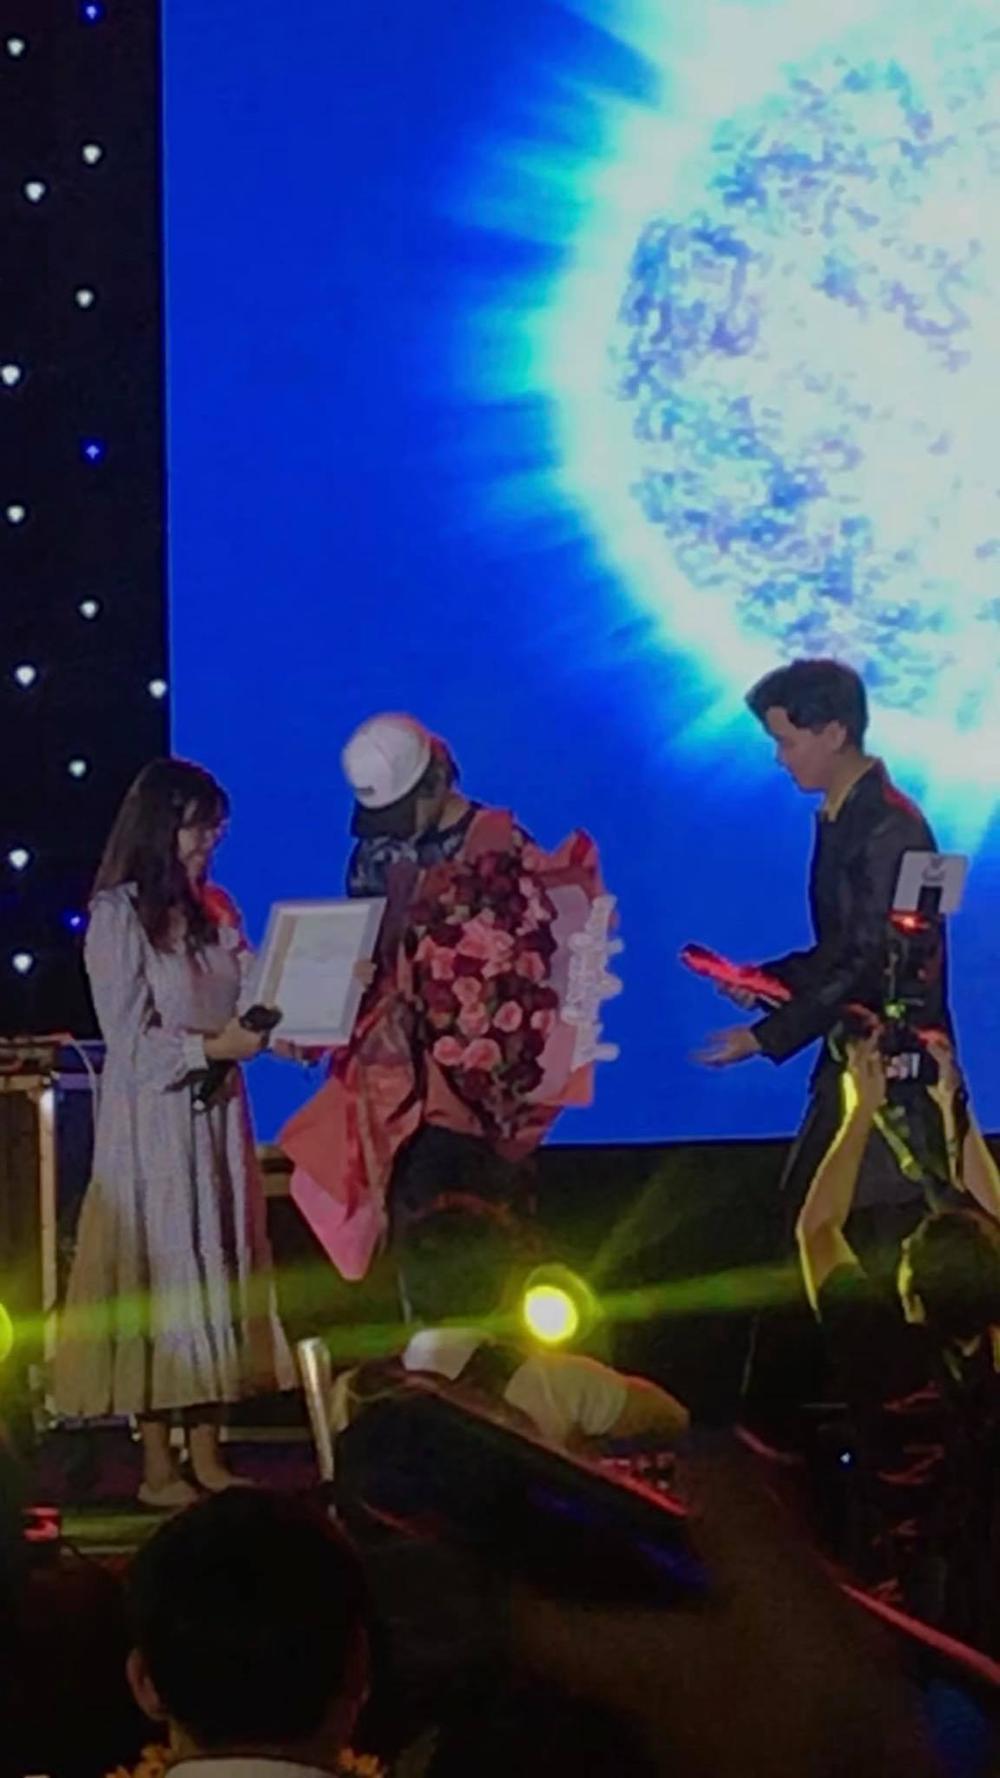 FC Đom đóm đem cả ngôi sao mang tên Jack-J97 tặng cho thần tượng: 'Anh là vị tinh tú' Ảnh 8